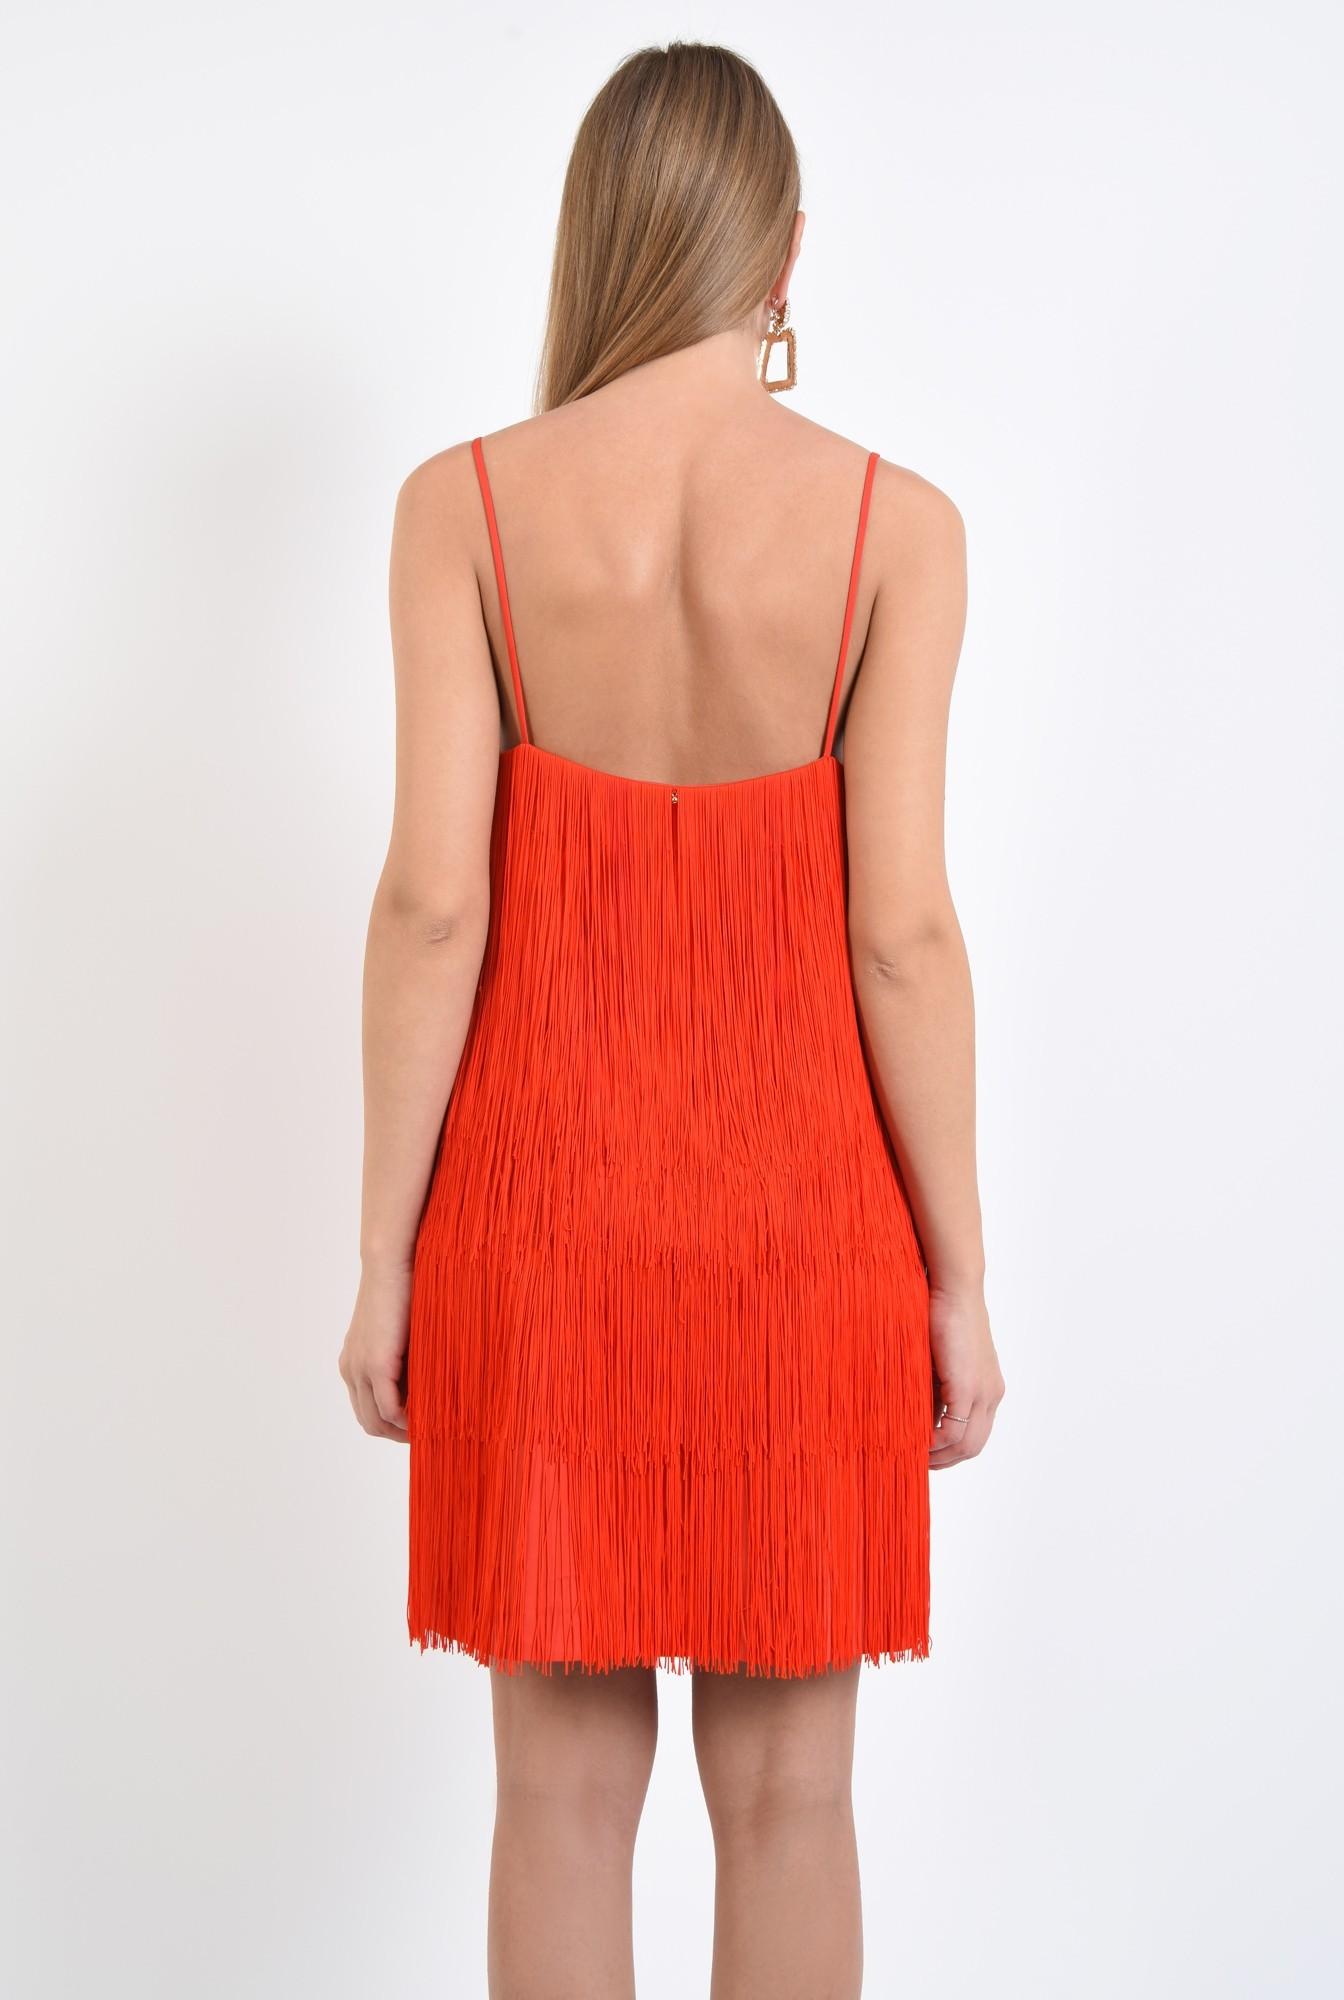 1 - rochie de seara, cu franjuri, corai, bretele spaghetti